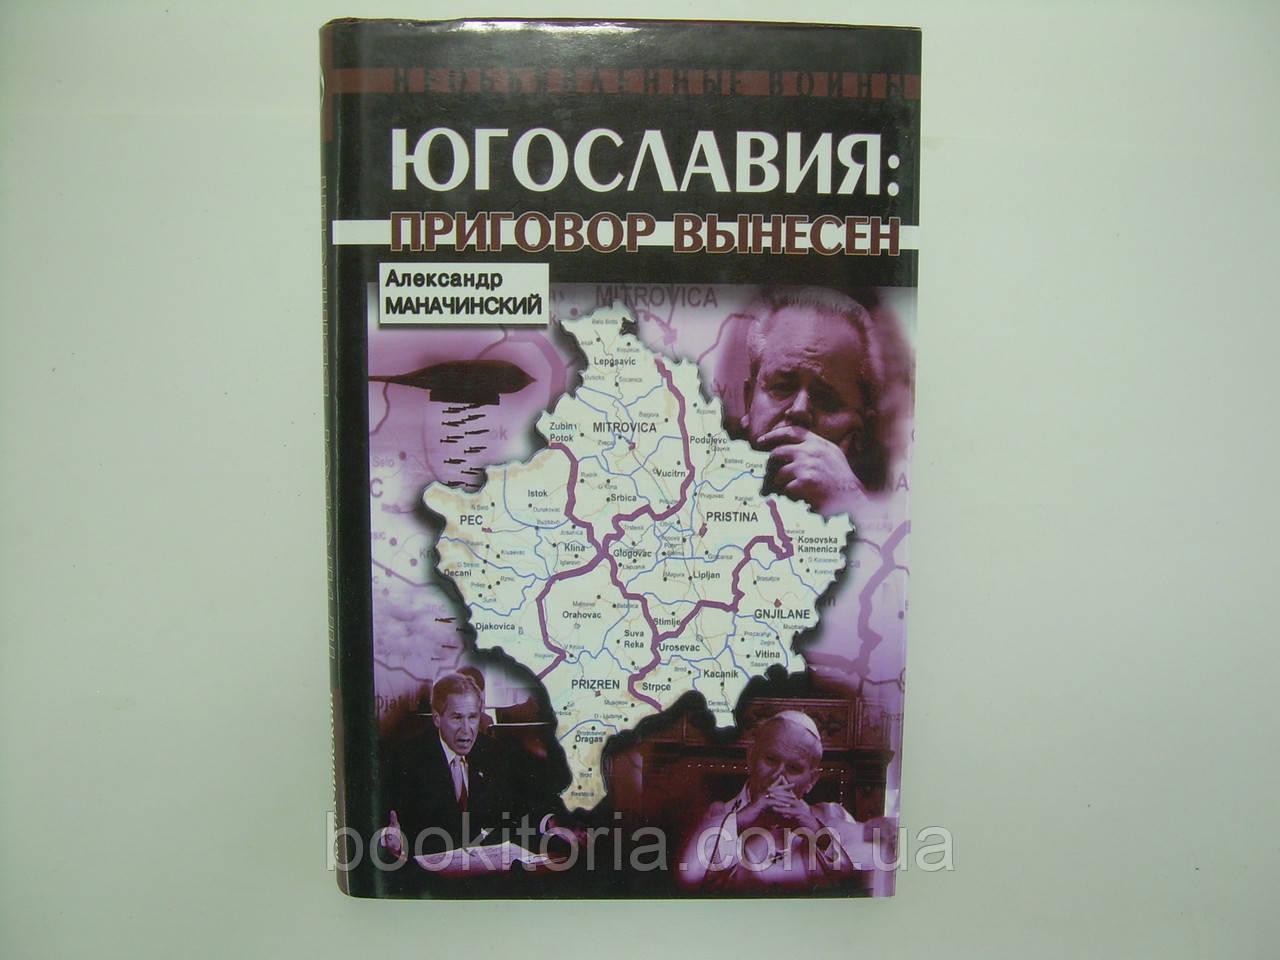 Маначинский А. Югославия: приговор вынесен (б/у).